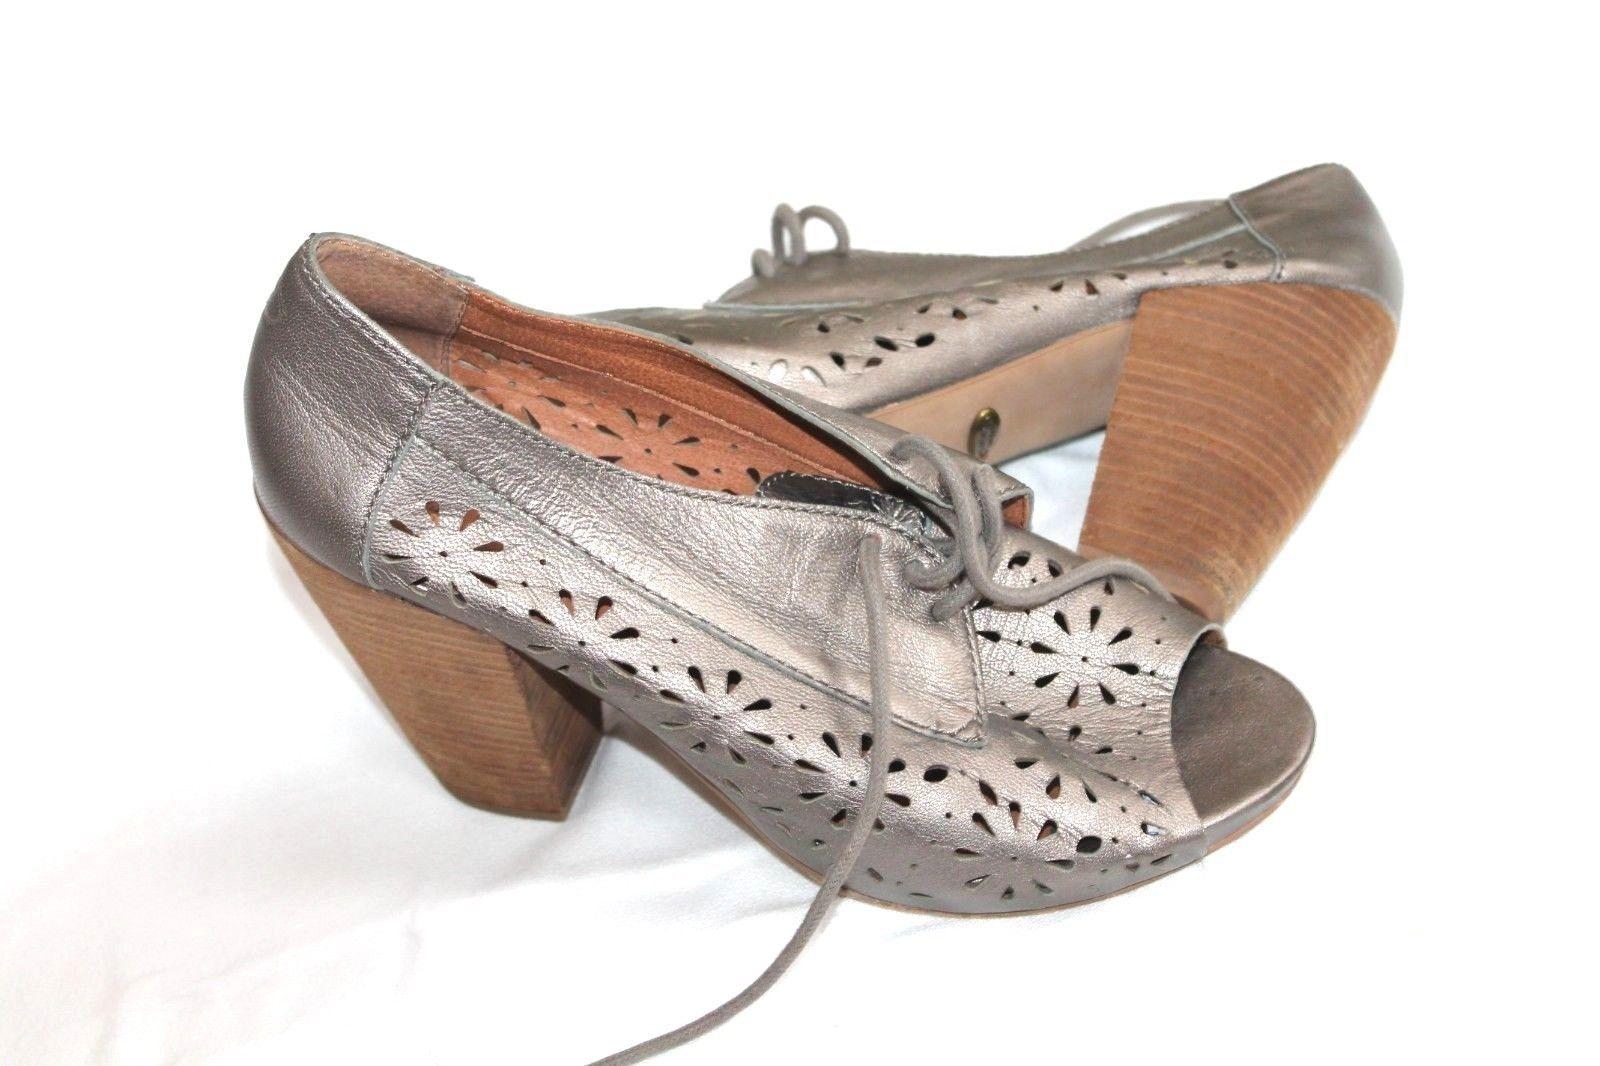 Lucky Brand Peony Metallic Powder Peep Toe Heel Shoes Size 8.5 38.5 - $39.60